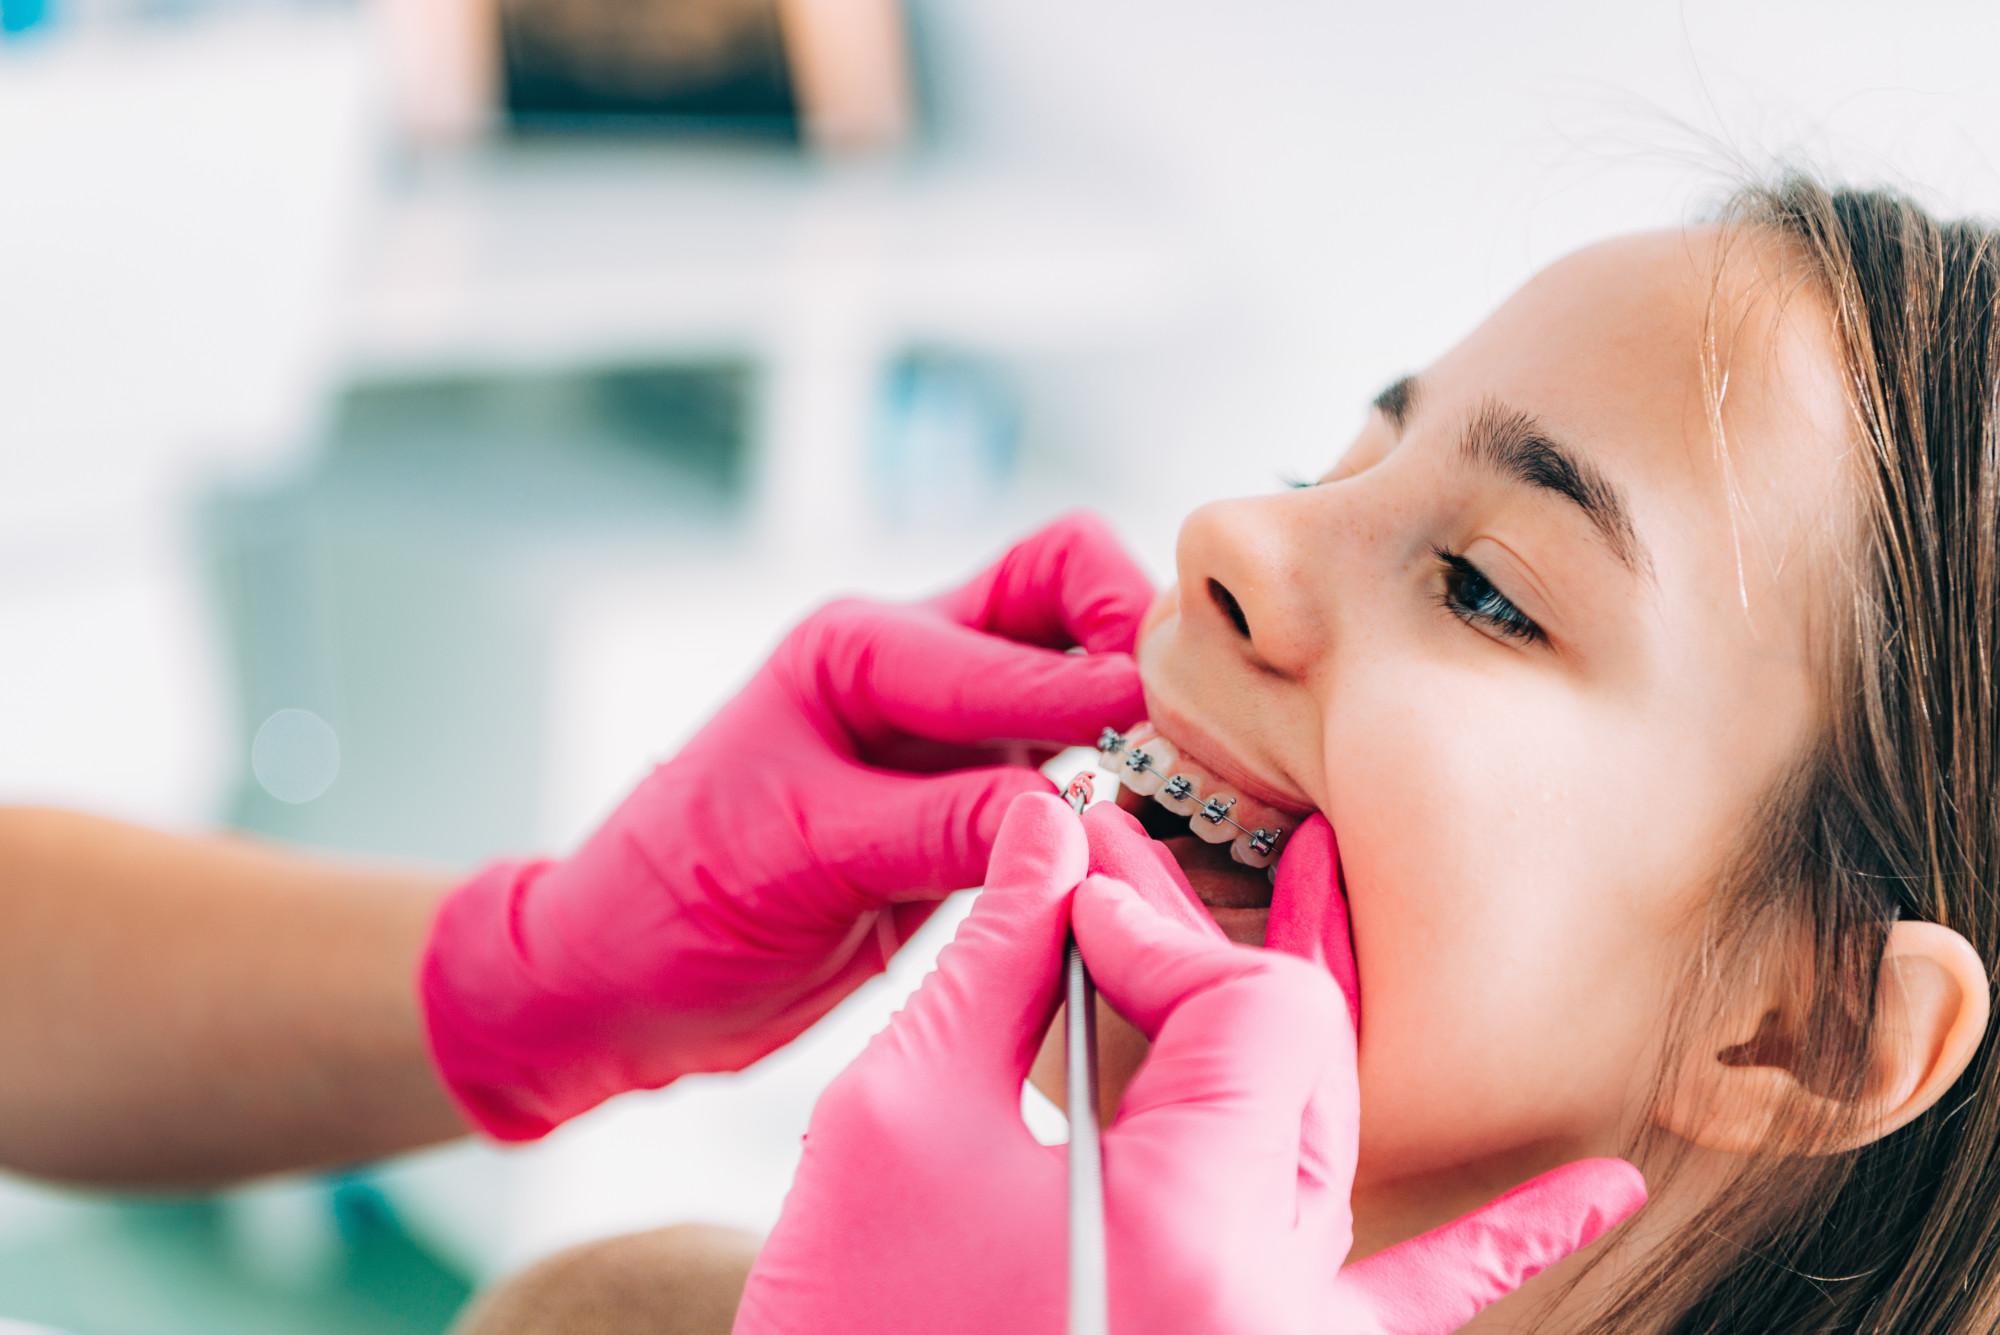 Orthodontist checking girl's dental braces